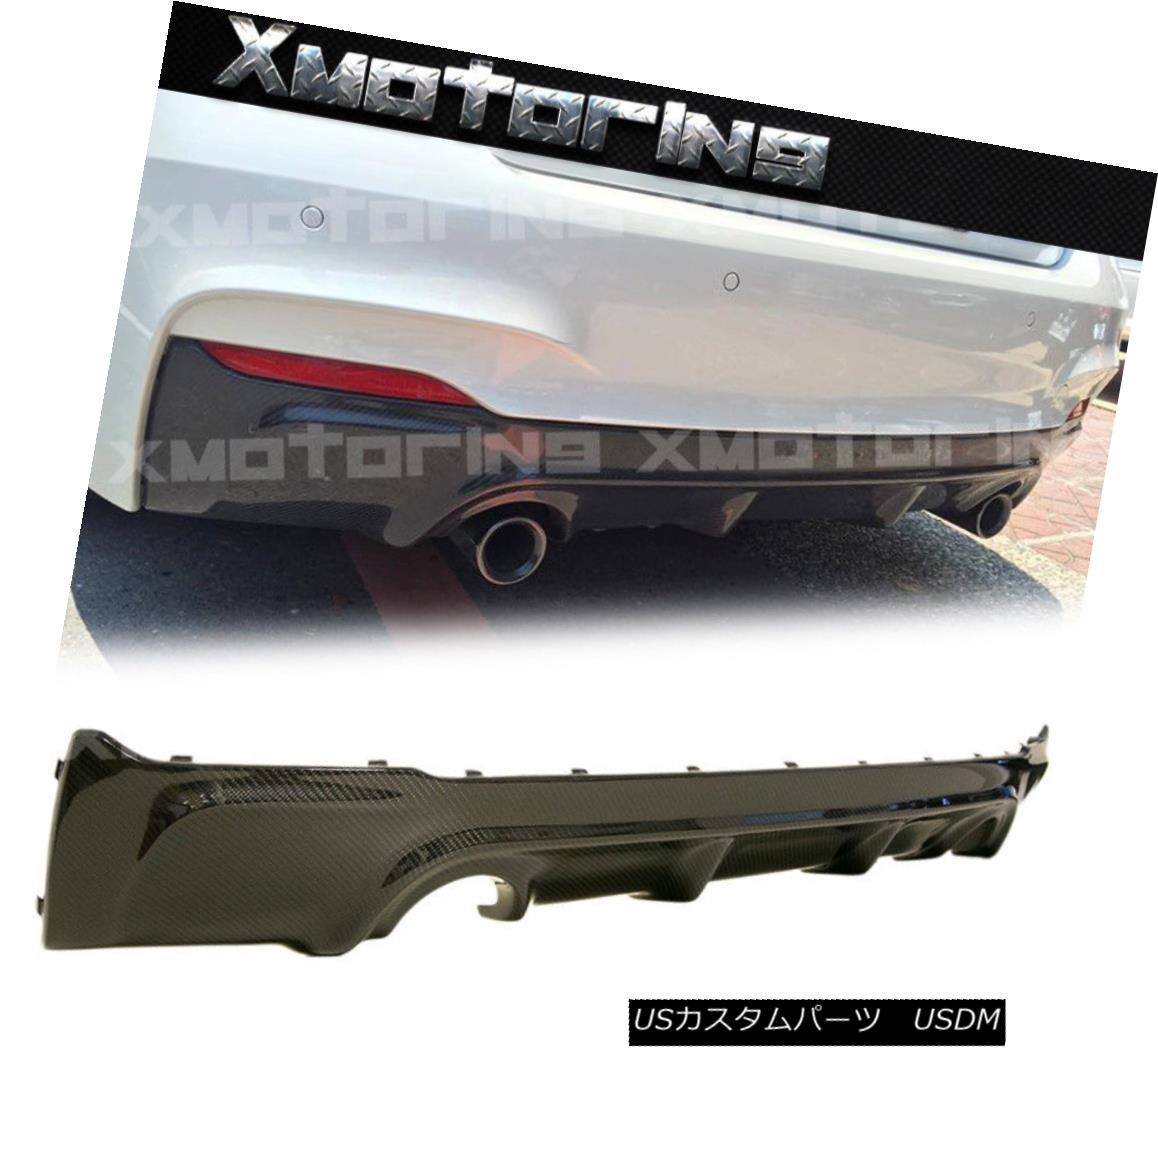 エアロパーツ 3D Look Exchange Carbon Rear Diffuser For 14+ F22 220i 228i M235i M-Tech Bumper 3Dルックエクスチェンジカーボンリアディフューザー14+ F22用220i 228i M235i M-Techバンパー